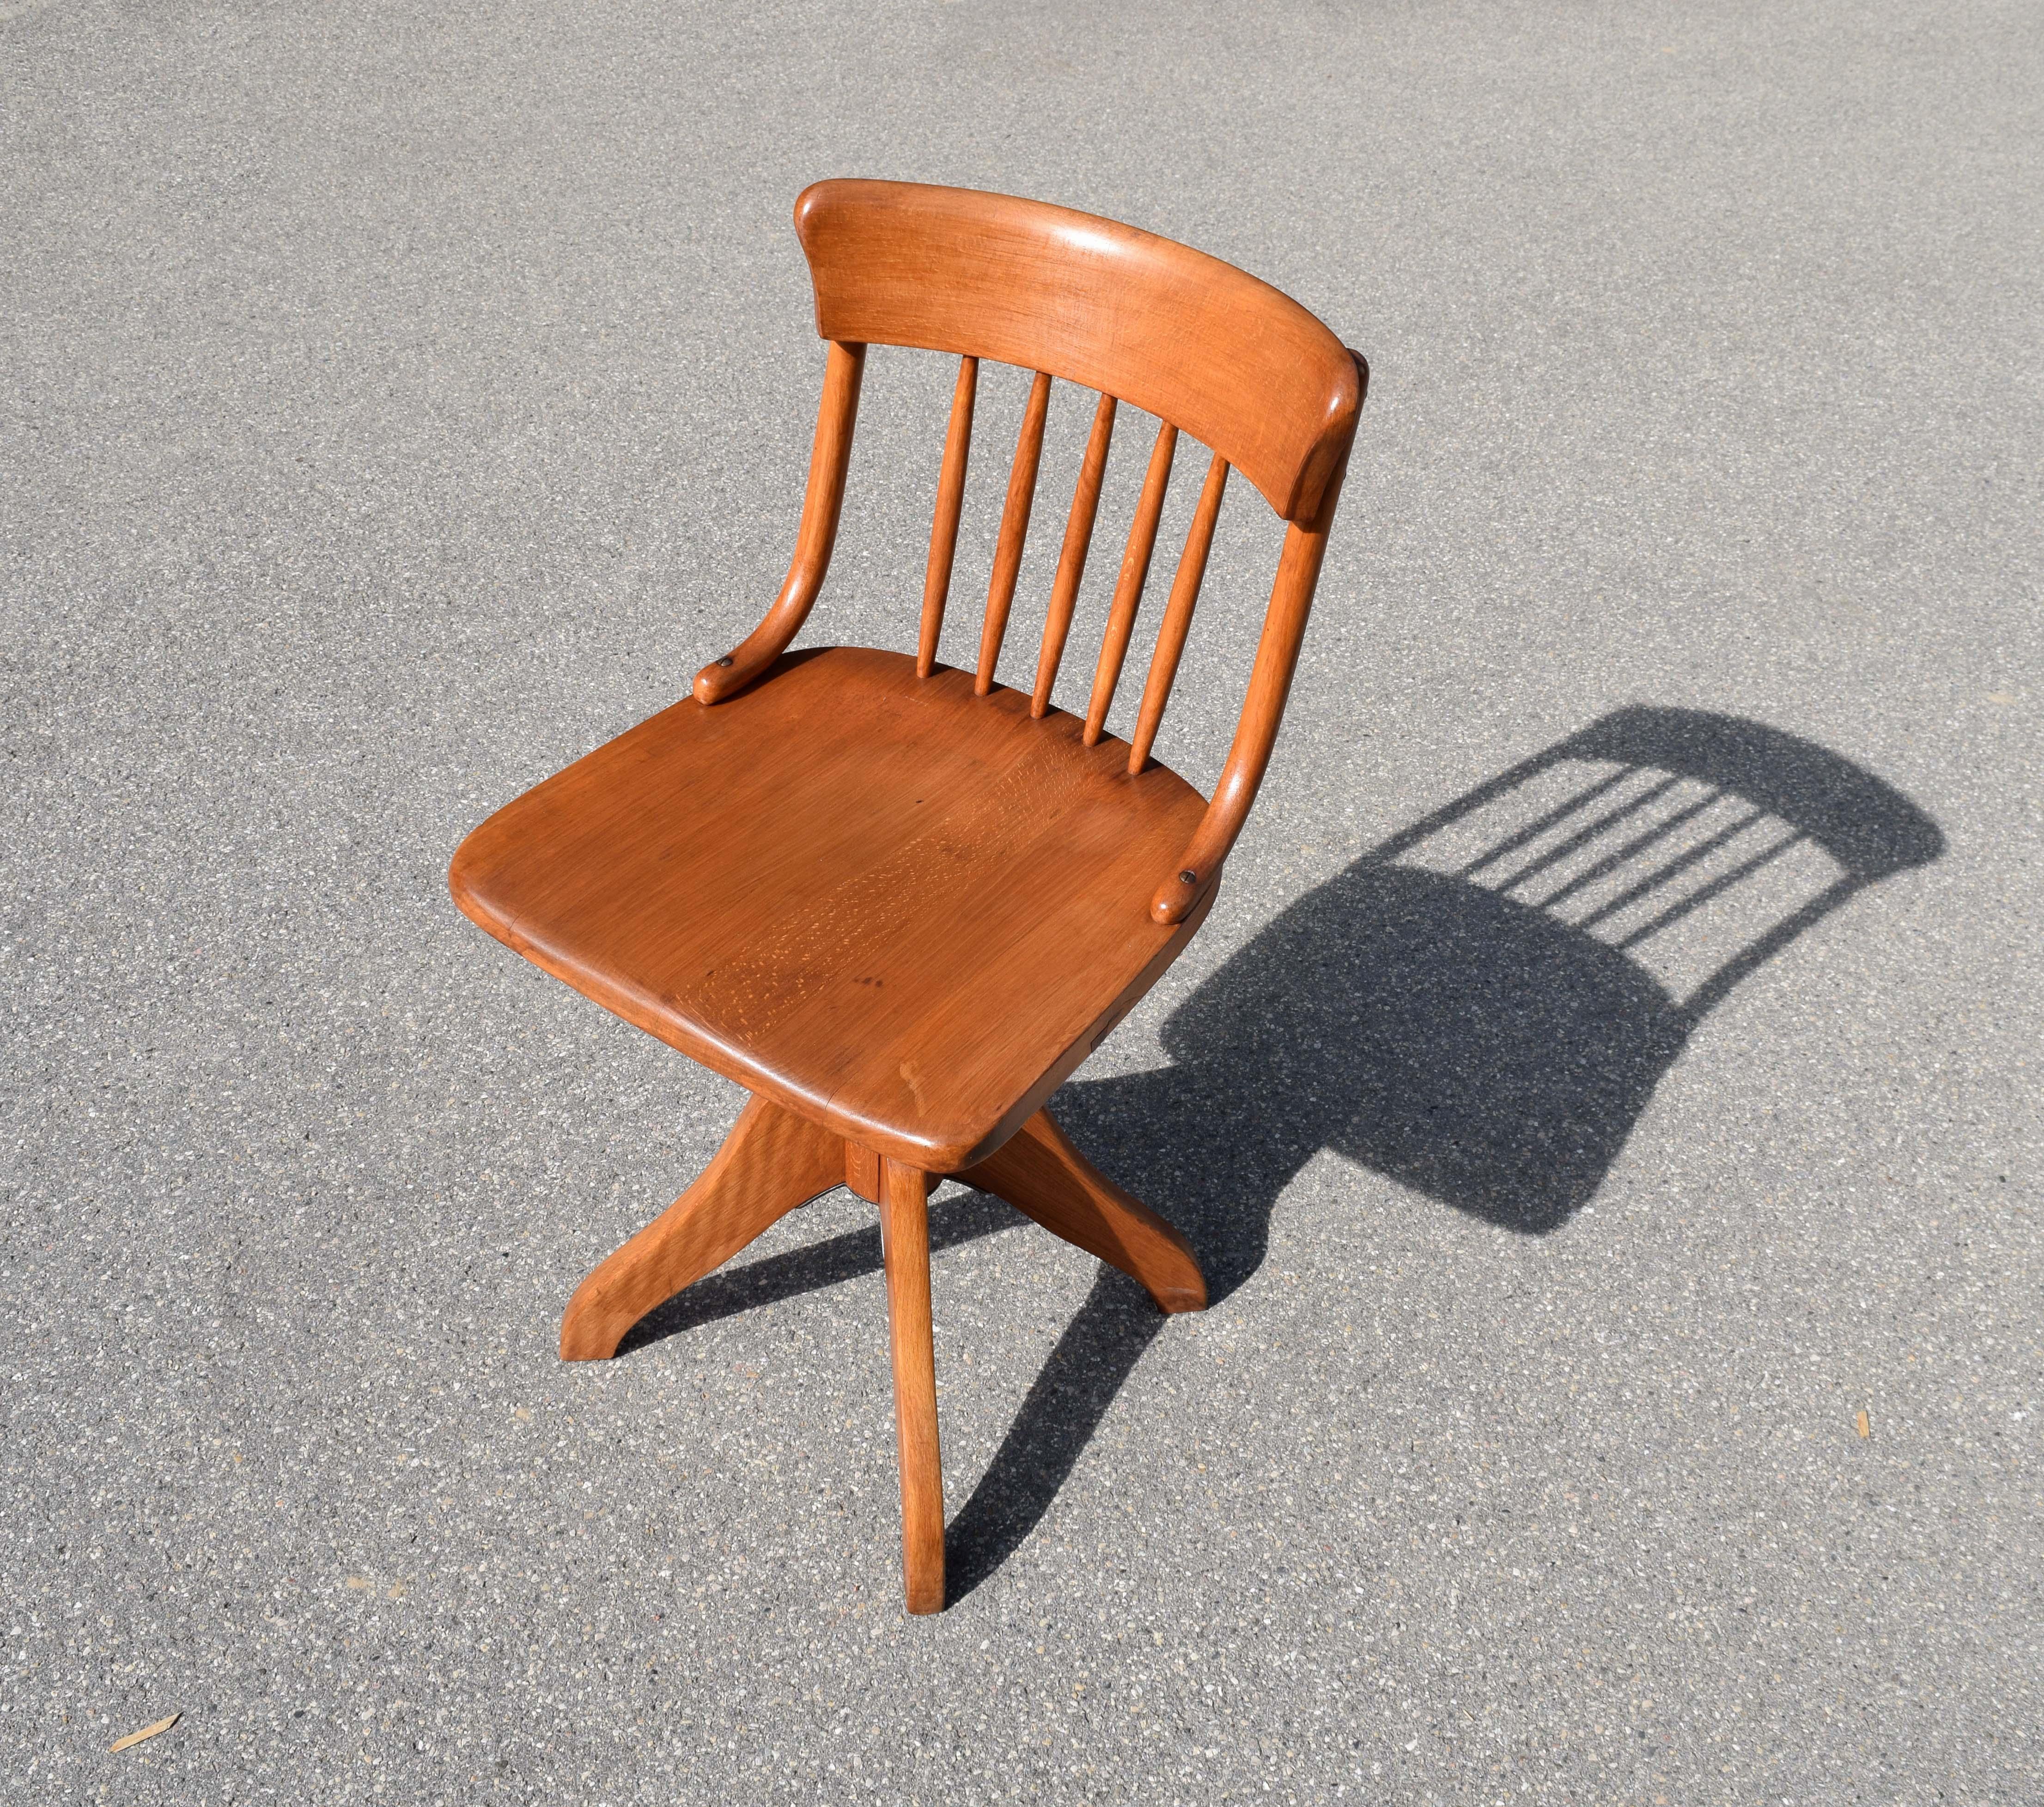 grande vente db00e eebae mobilier industriel ancien: chaises,meubles à tiroirs ...